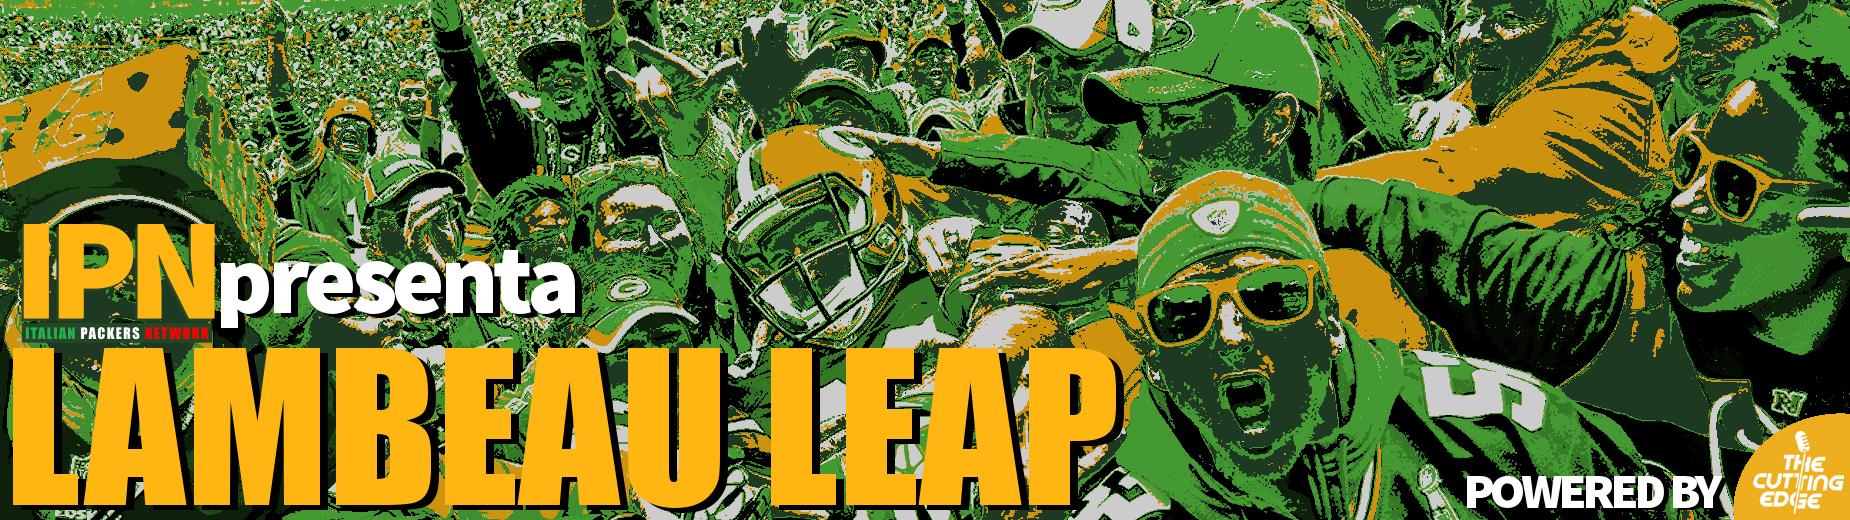 Lambeau Leap